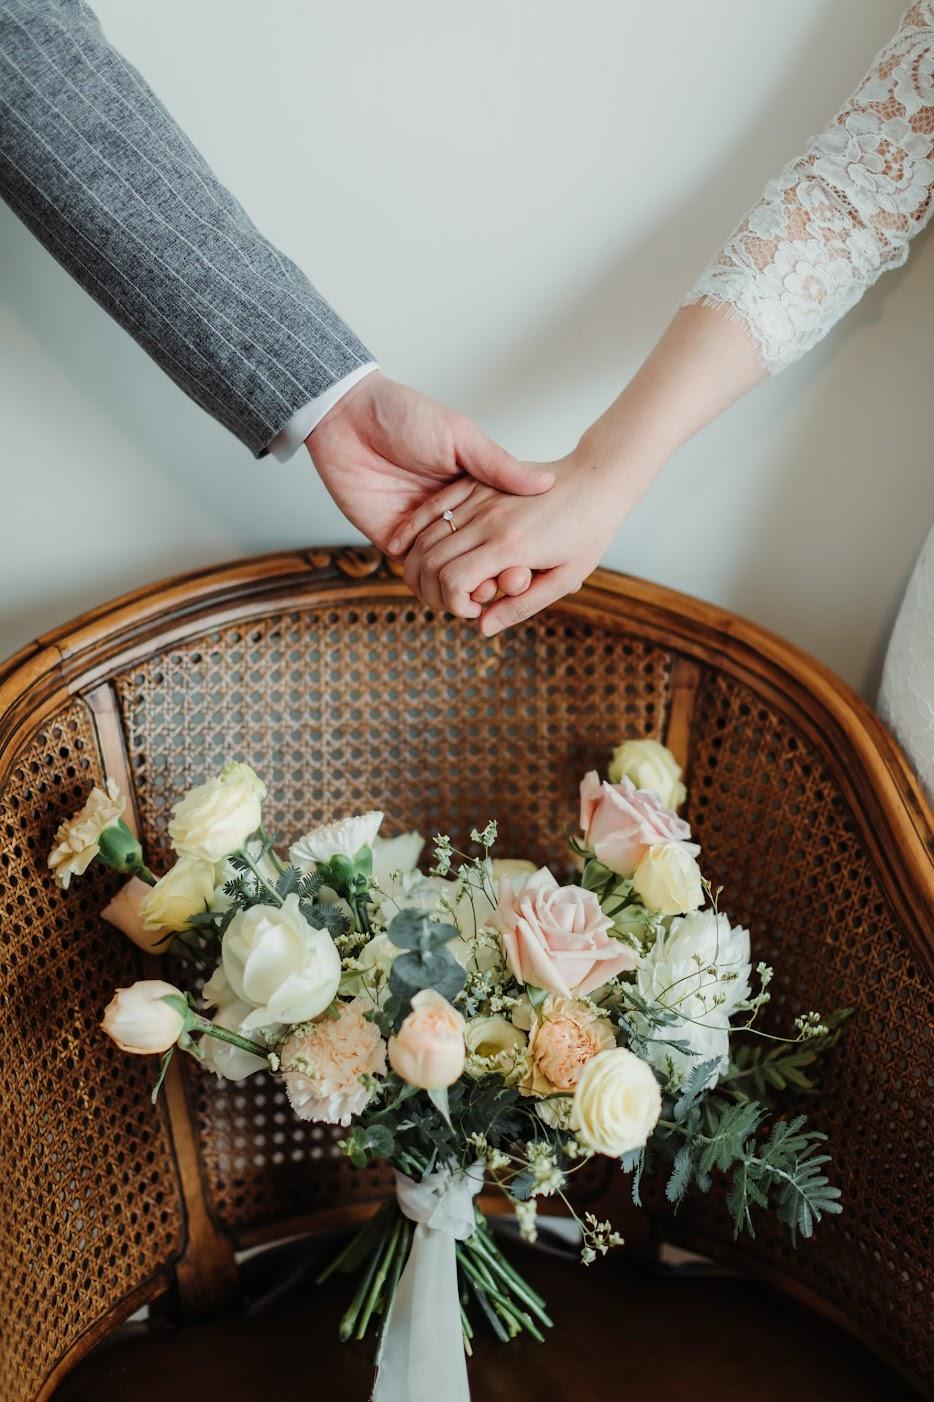 台中婚紗推薦你這樣找!ptt、dcard常見問題,專業婚攝告訴你